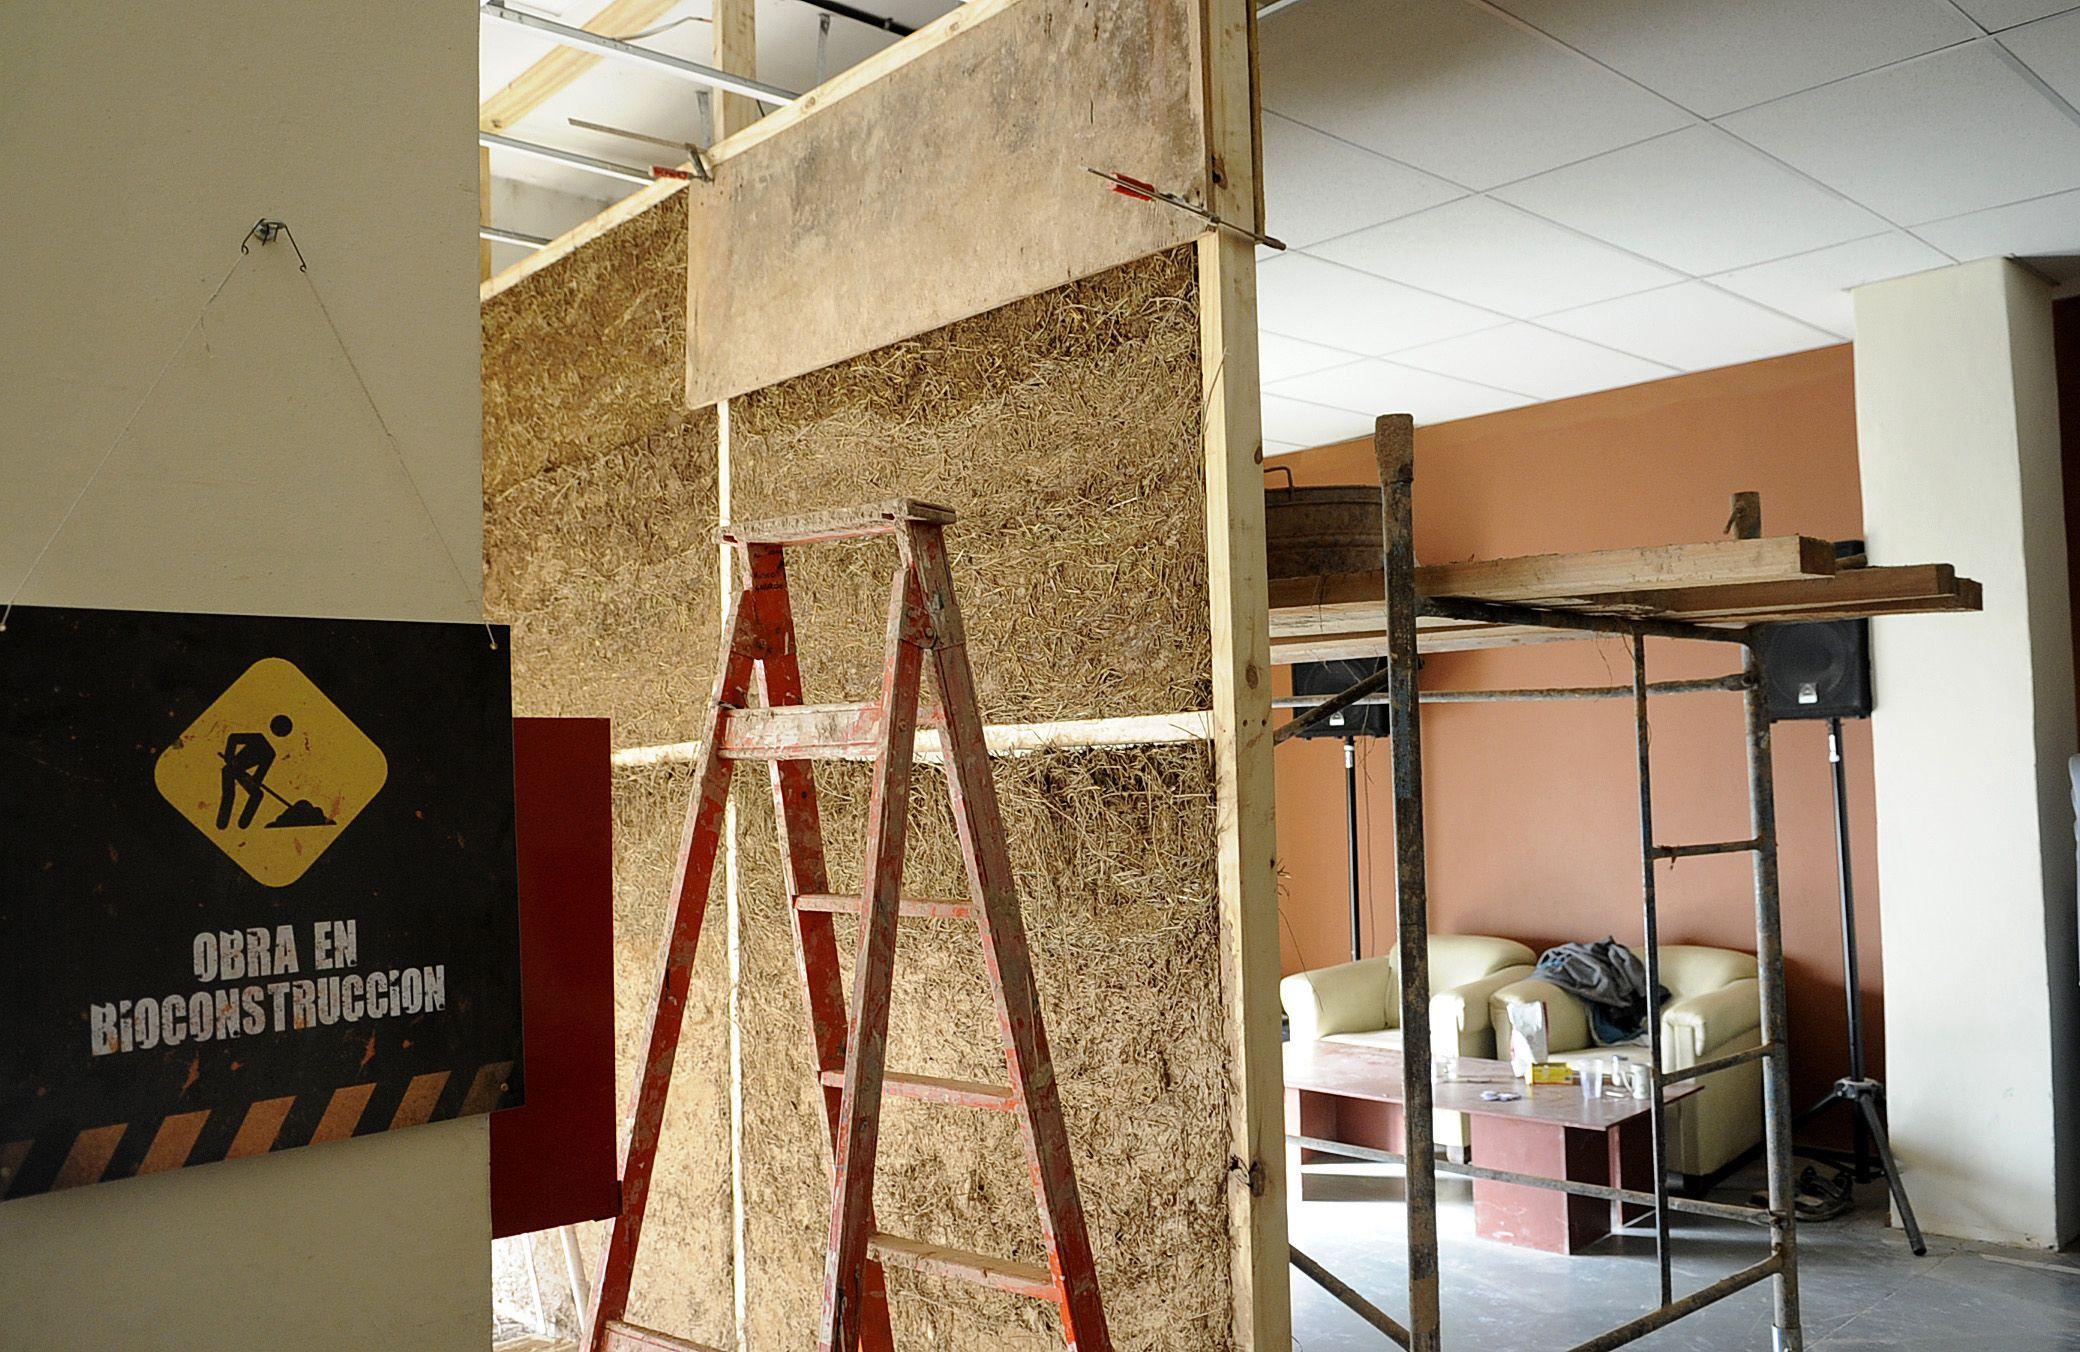 Innovación. Las obras se realizan con una particular técnica de construcción que incluye barro y materiales no industrializados. (foto: Francisco Guillén)